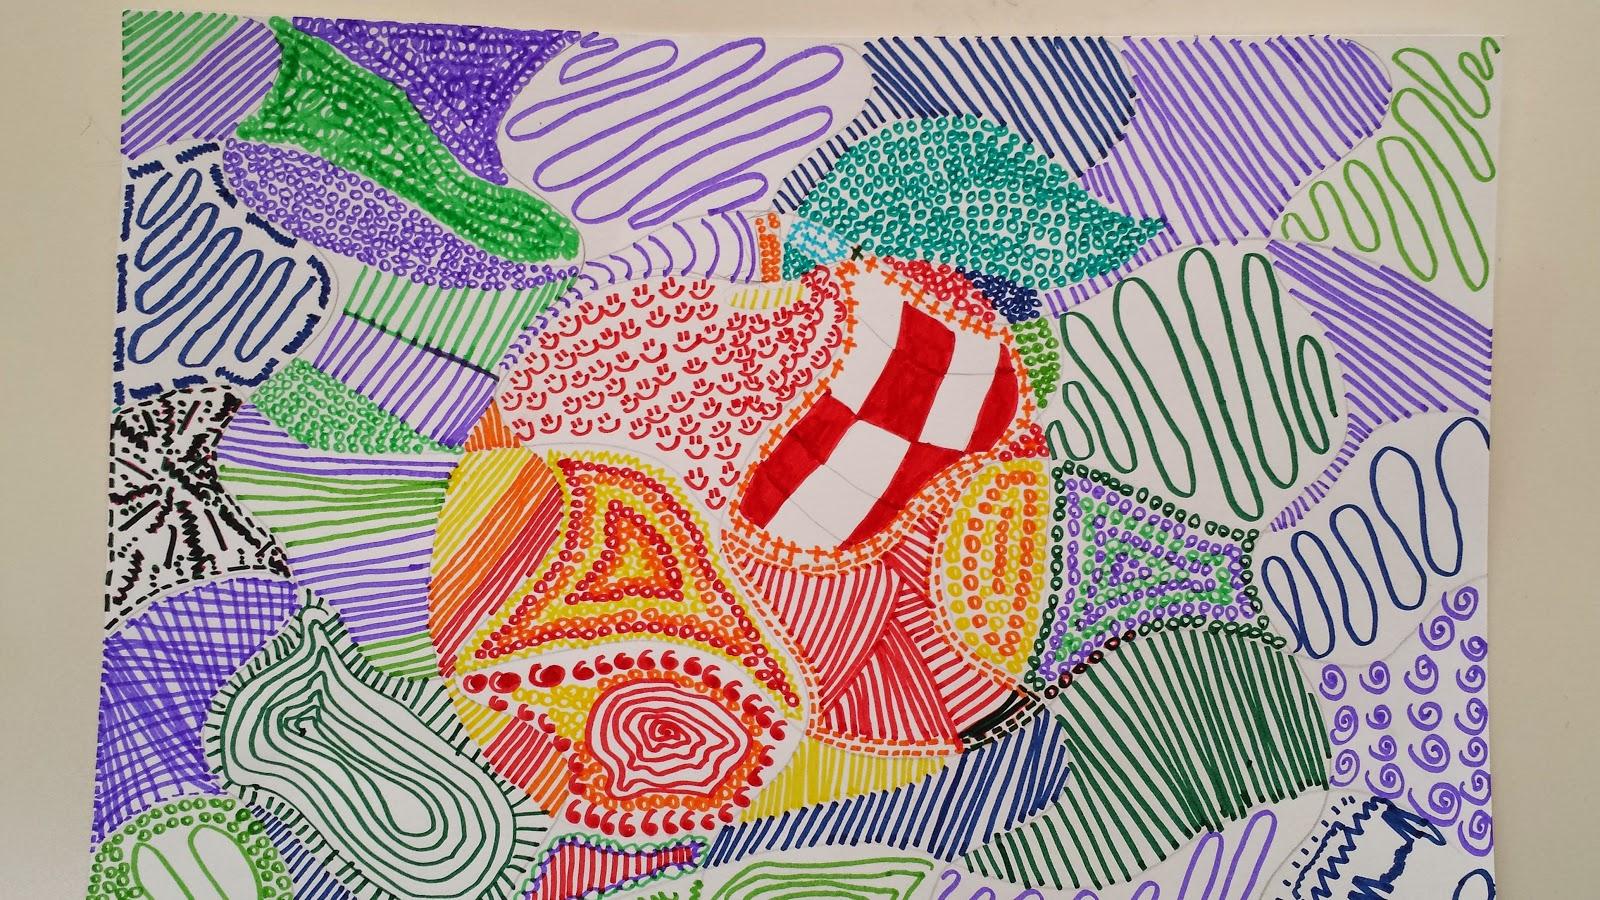 Dietro il dipinto texture a colori freddi e caldi - Immagine dell albero a colori ...